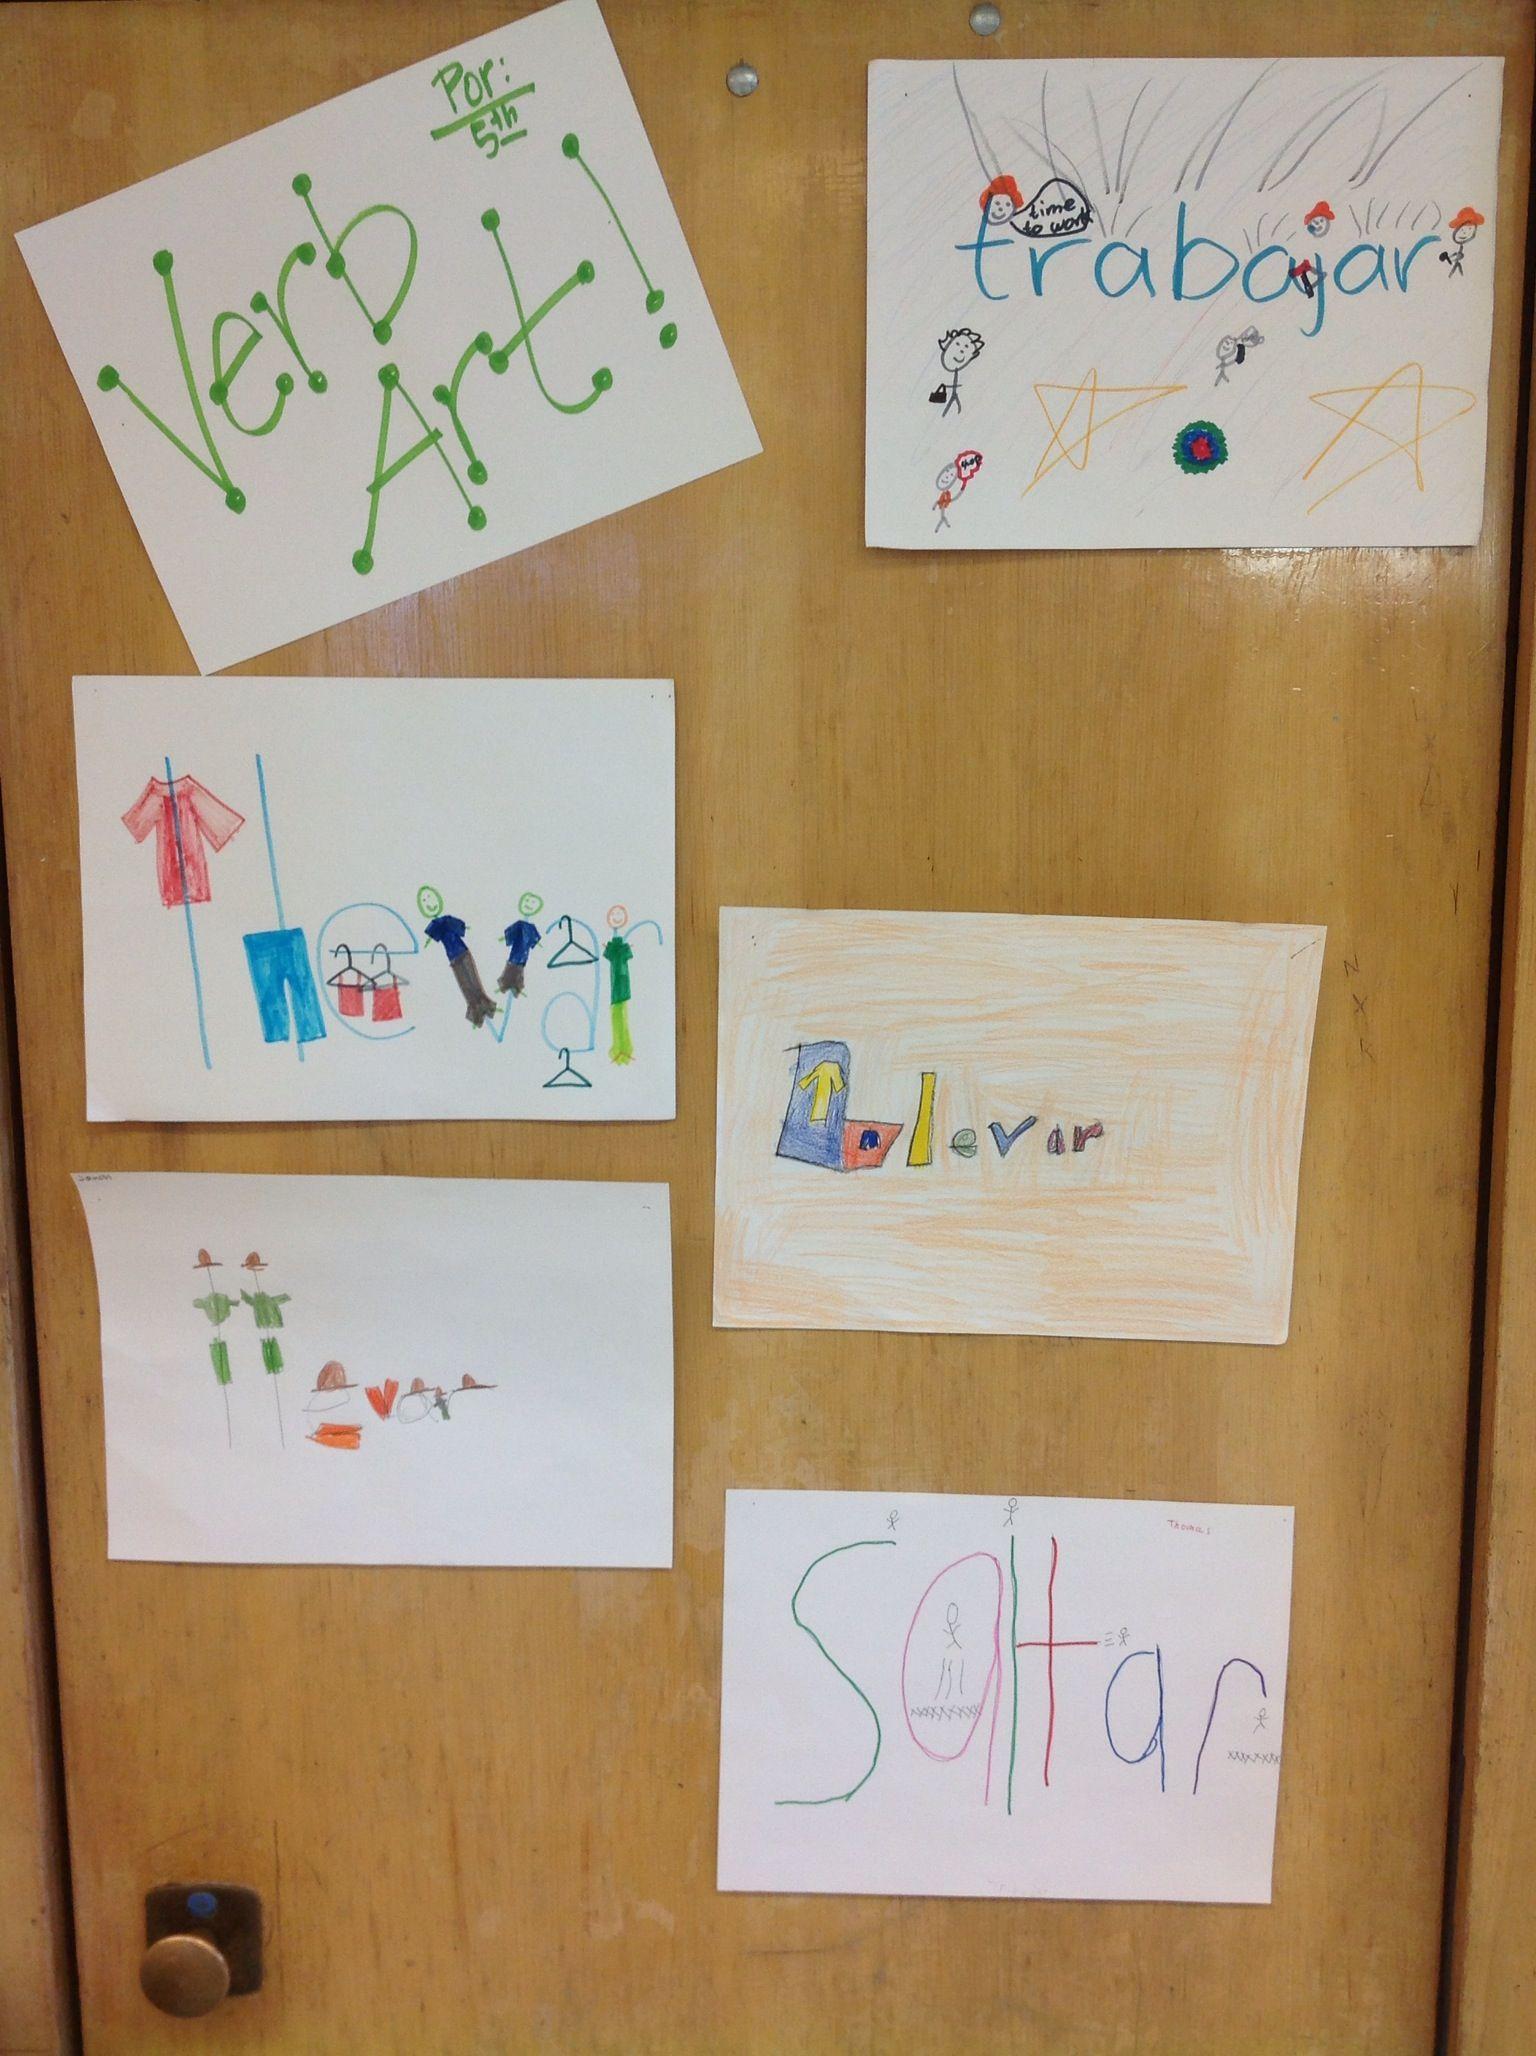 Verb Art Teaching Intermediate Or Middle School Verbs In